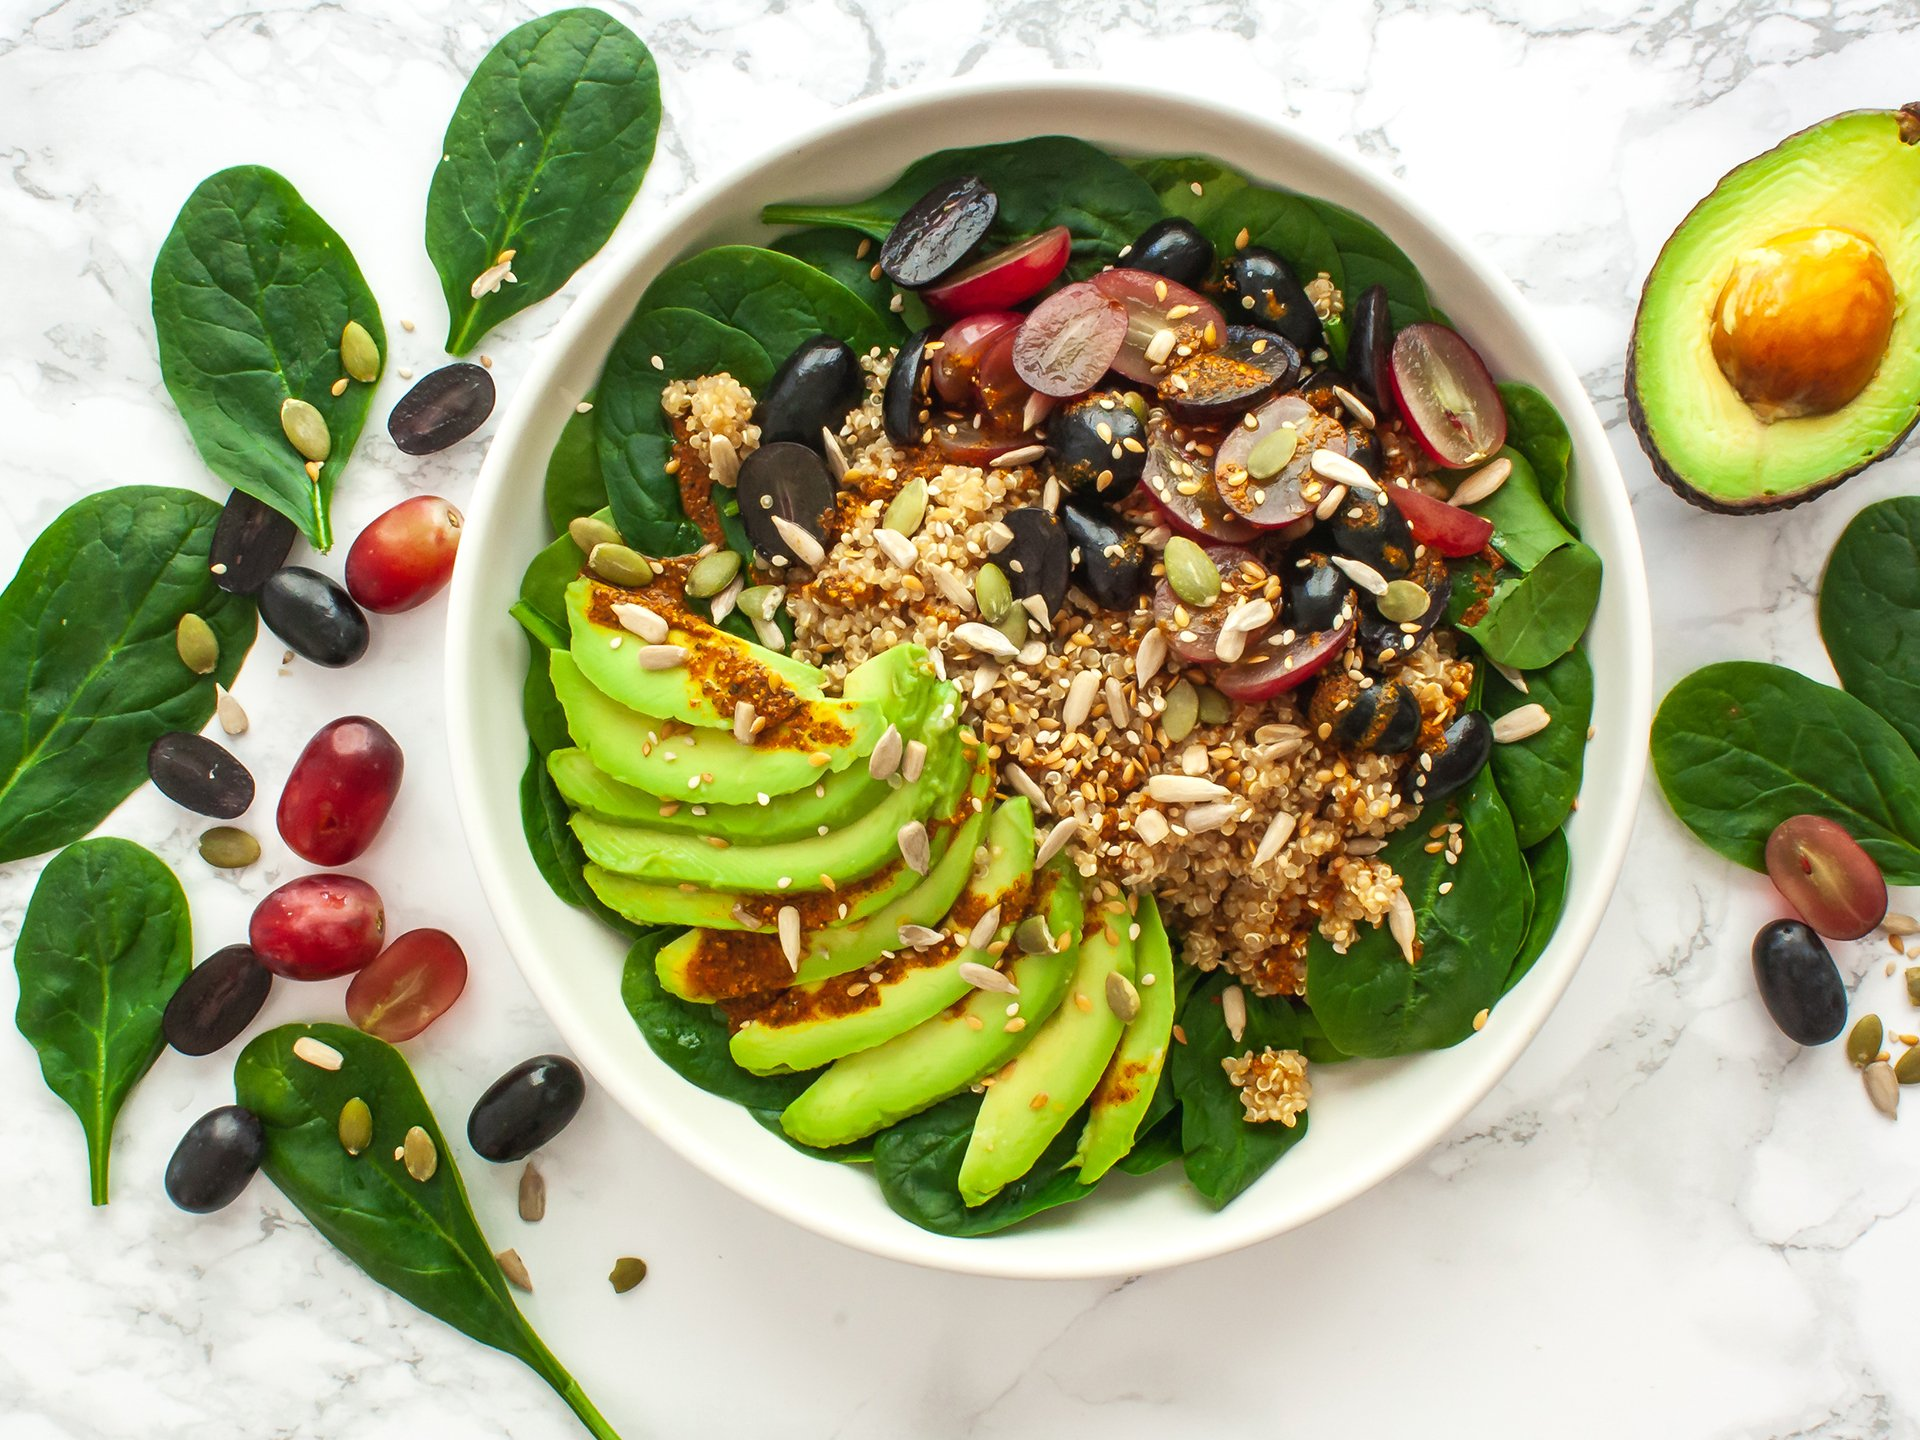 Quinoa Avocado Spinach Salad with Grapes